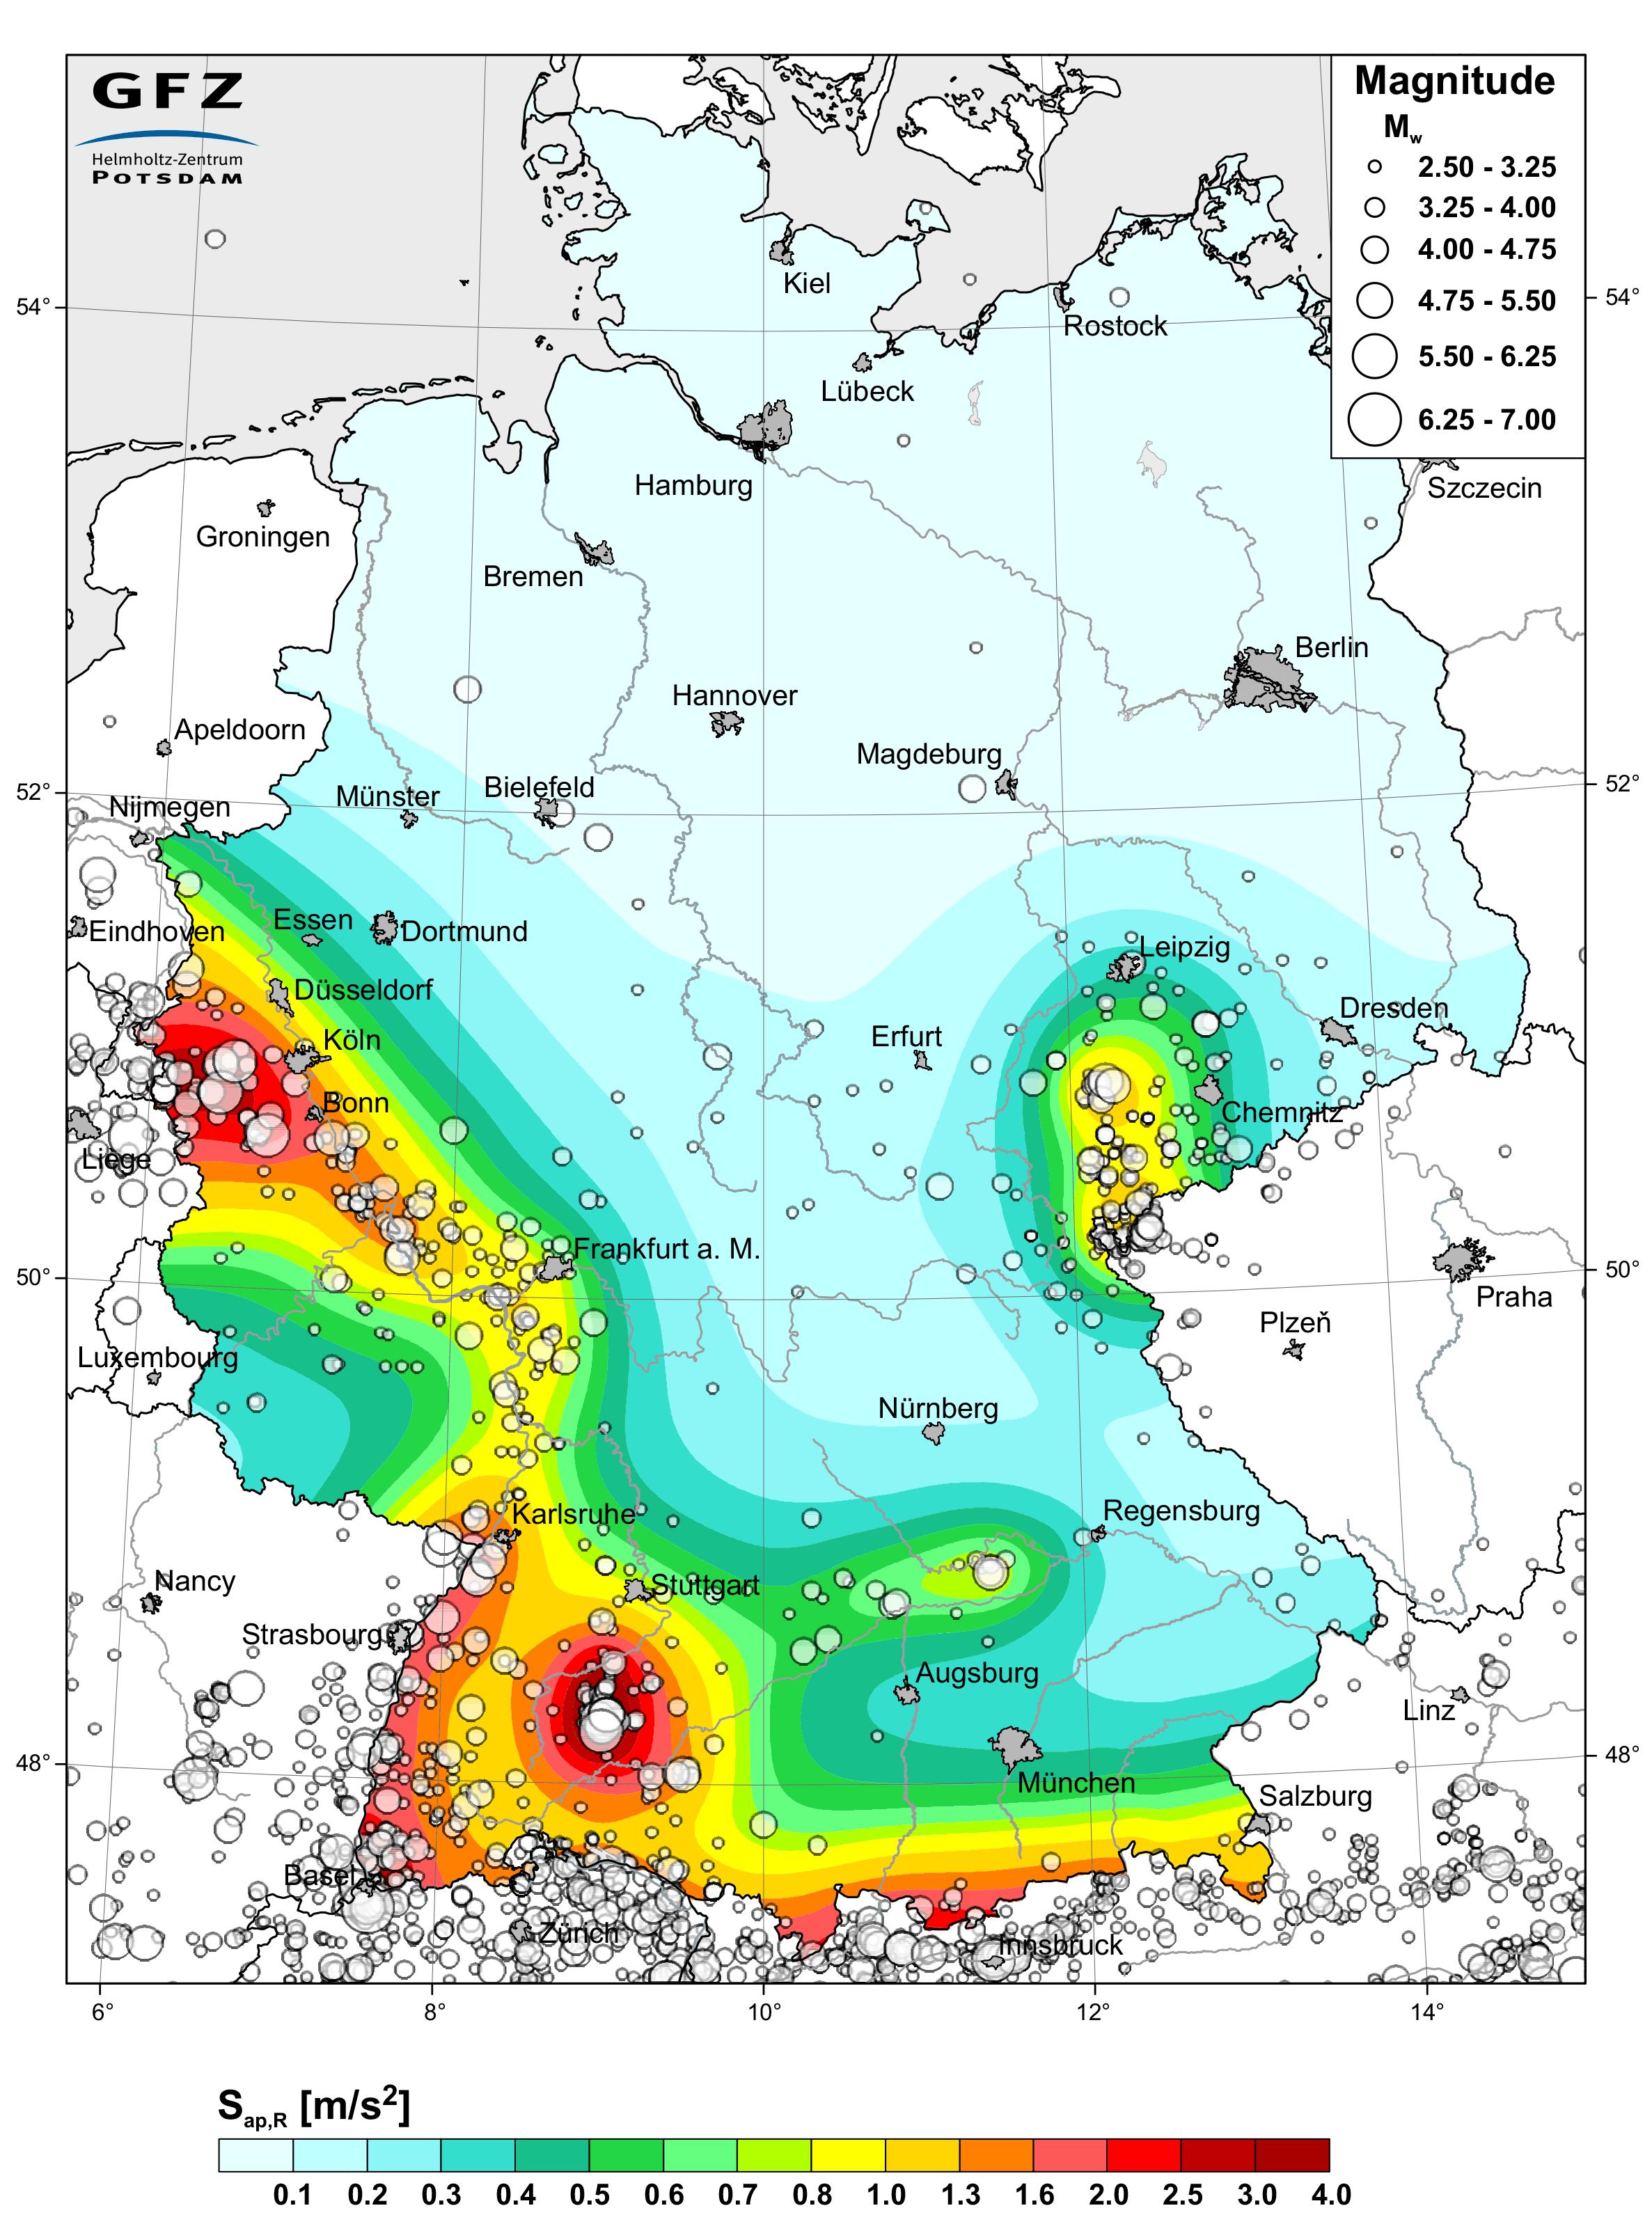 10751_Hazardmap-Deutschland_G-Gruenthal-GFZ